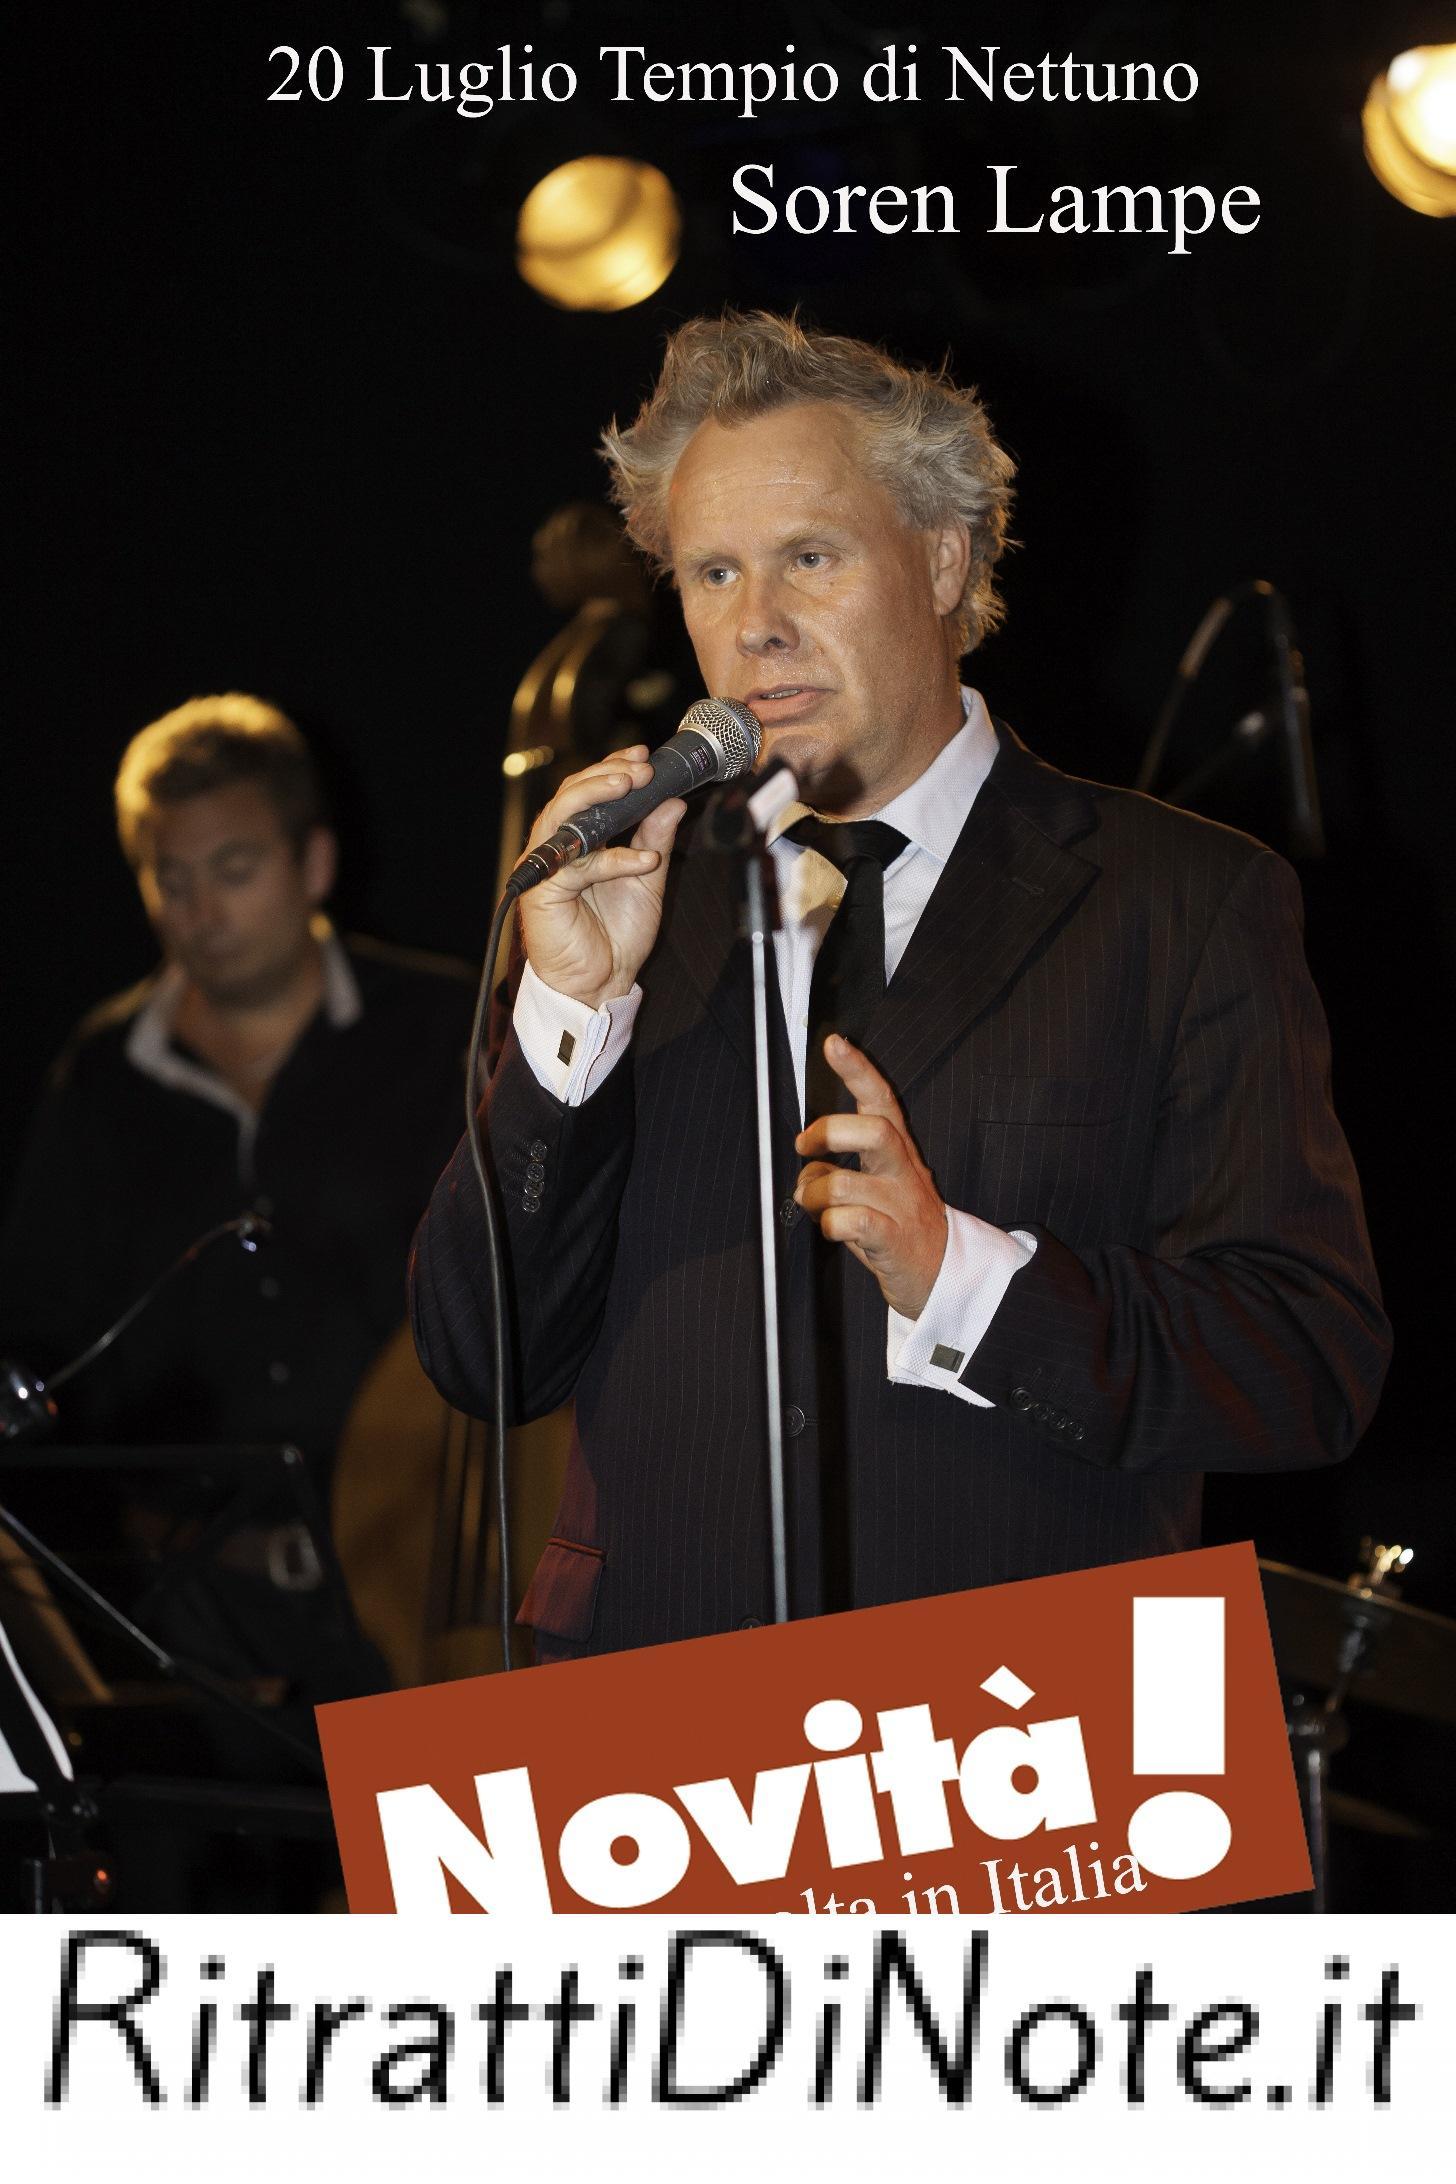 Pozzuoli Jazz Festival 2014 - Soeren-lampe-vocal